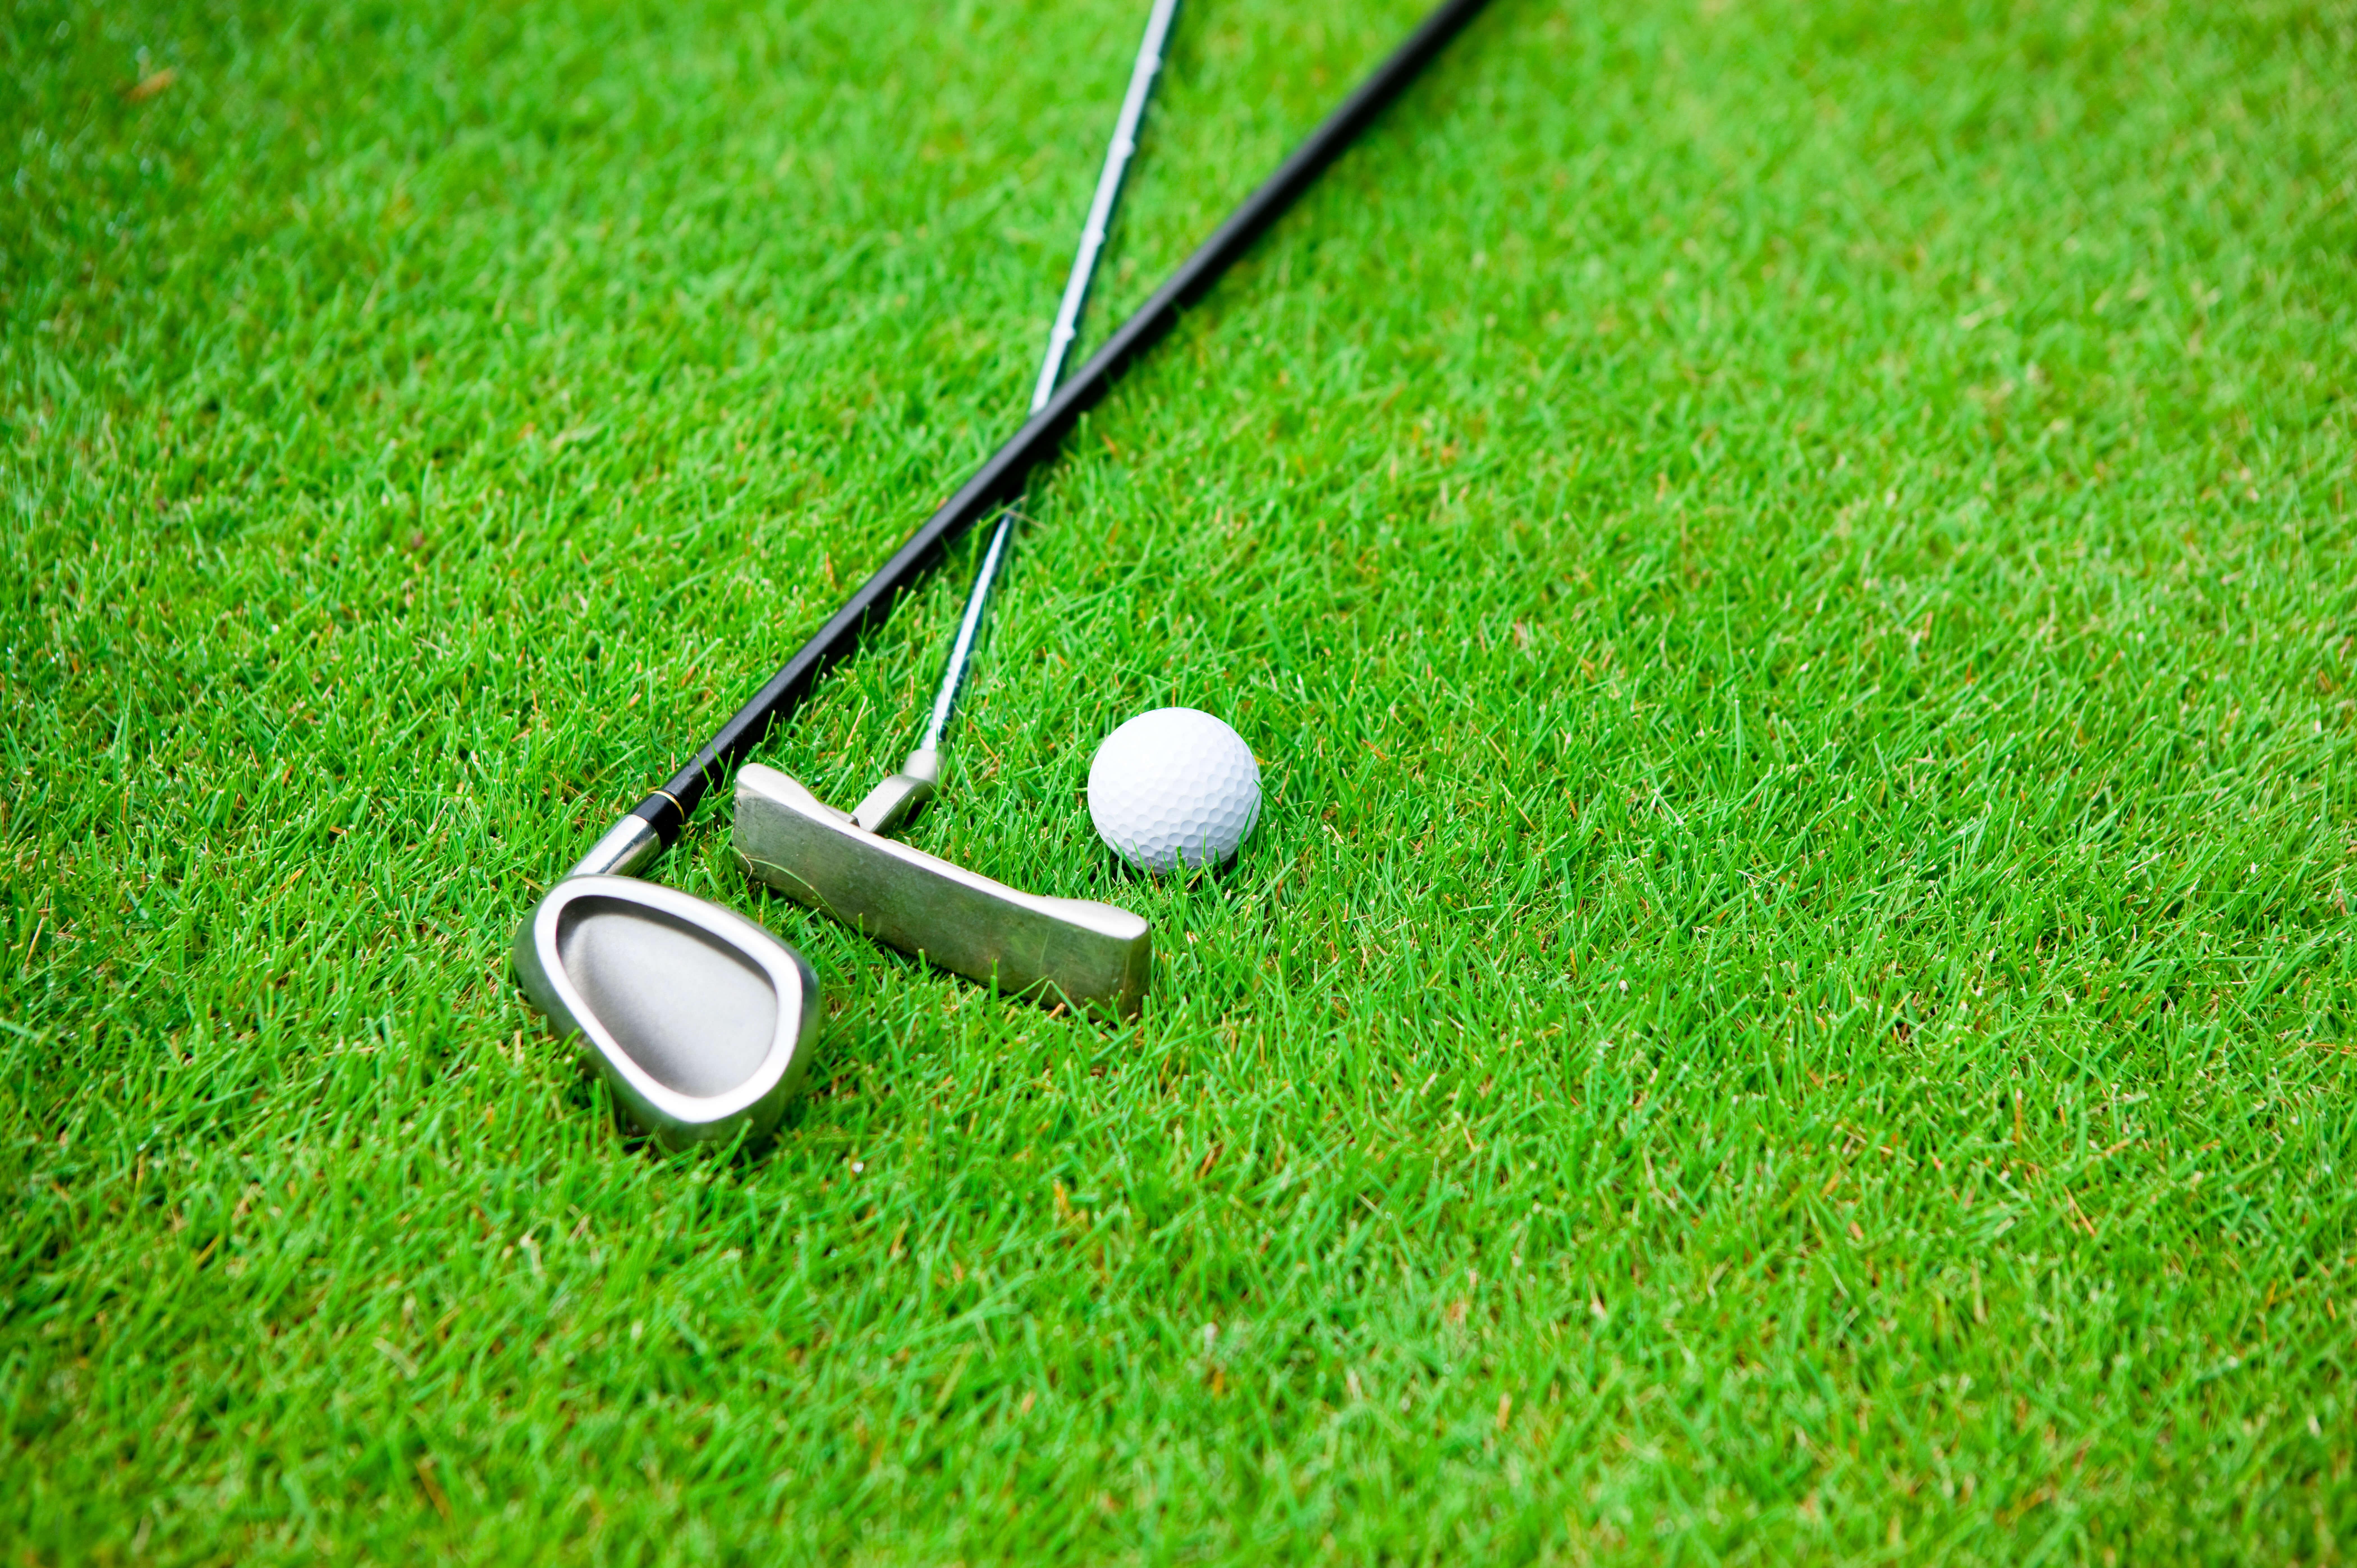 ゴルフボールとゴルフクラブ